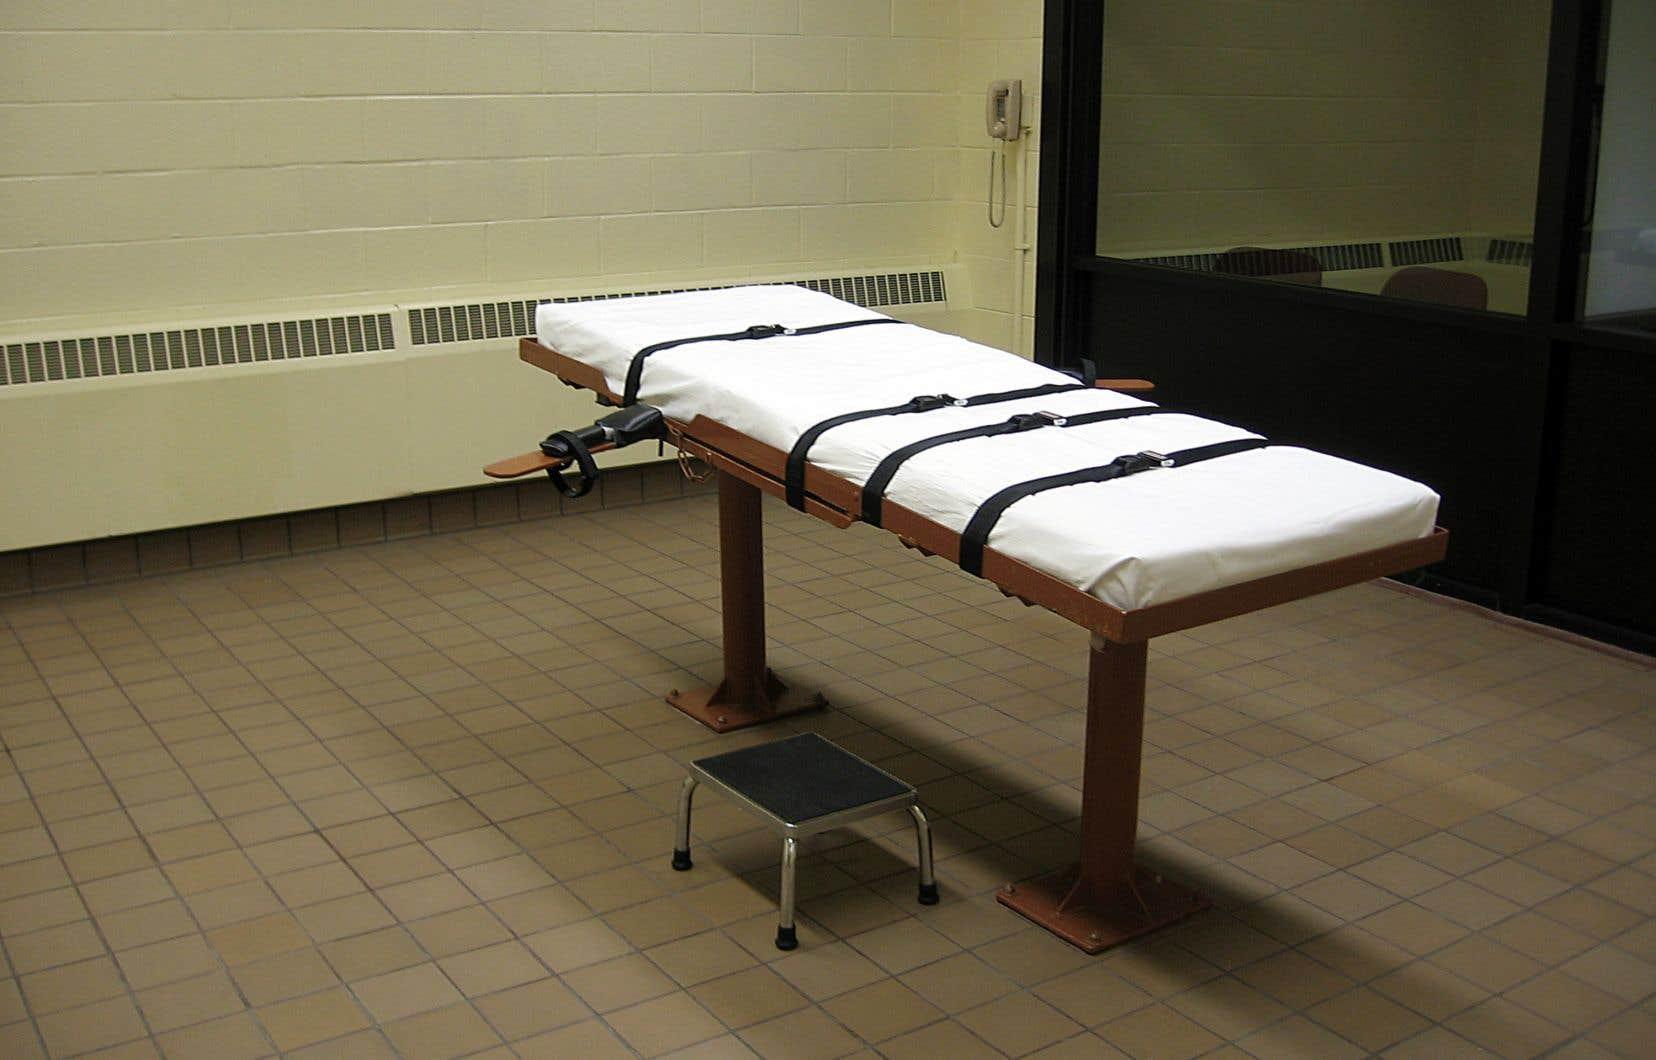 Le gouvernement de Donald Trump a décidé, il y a près d'un an, de renouer avec la pratique des exécutions fédérales, dont la dernière remonte à 2003.